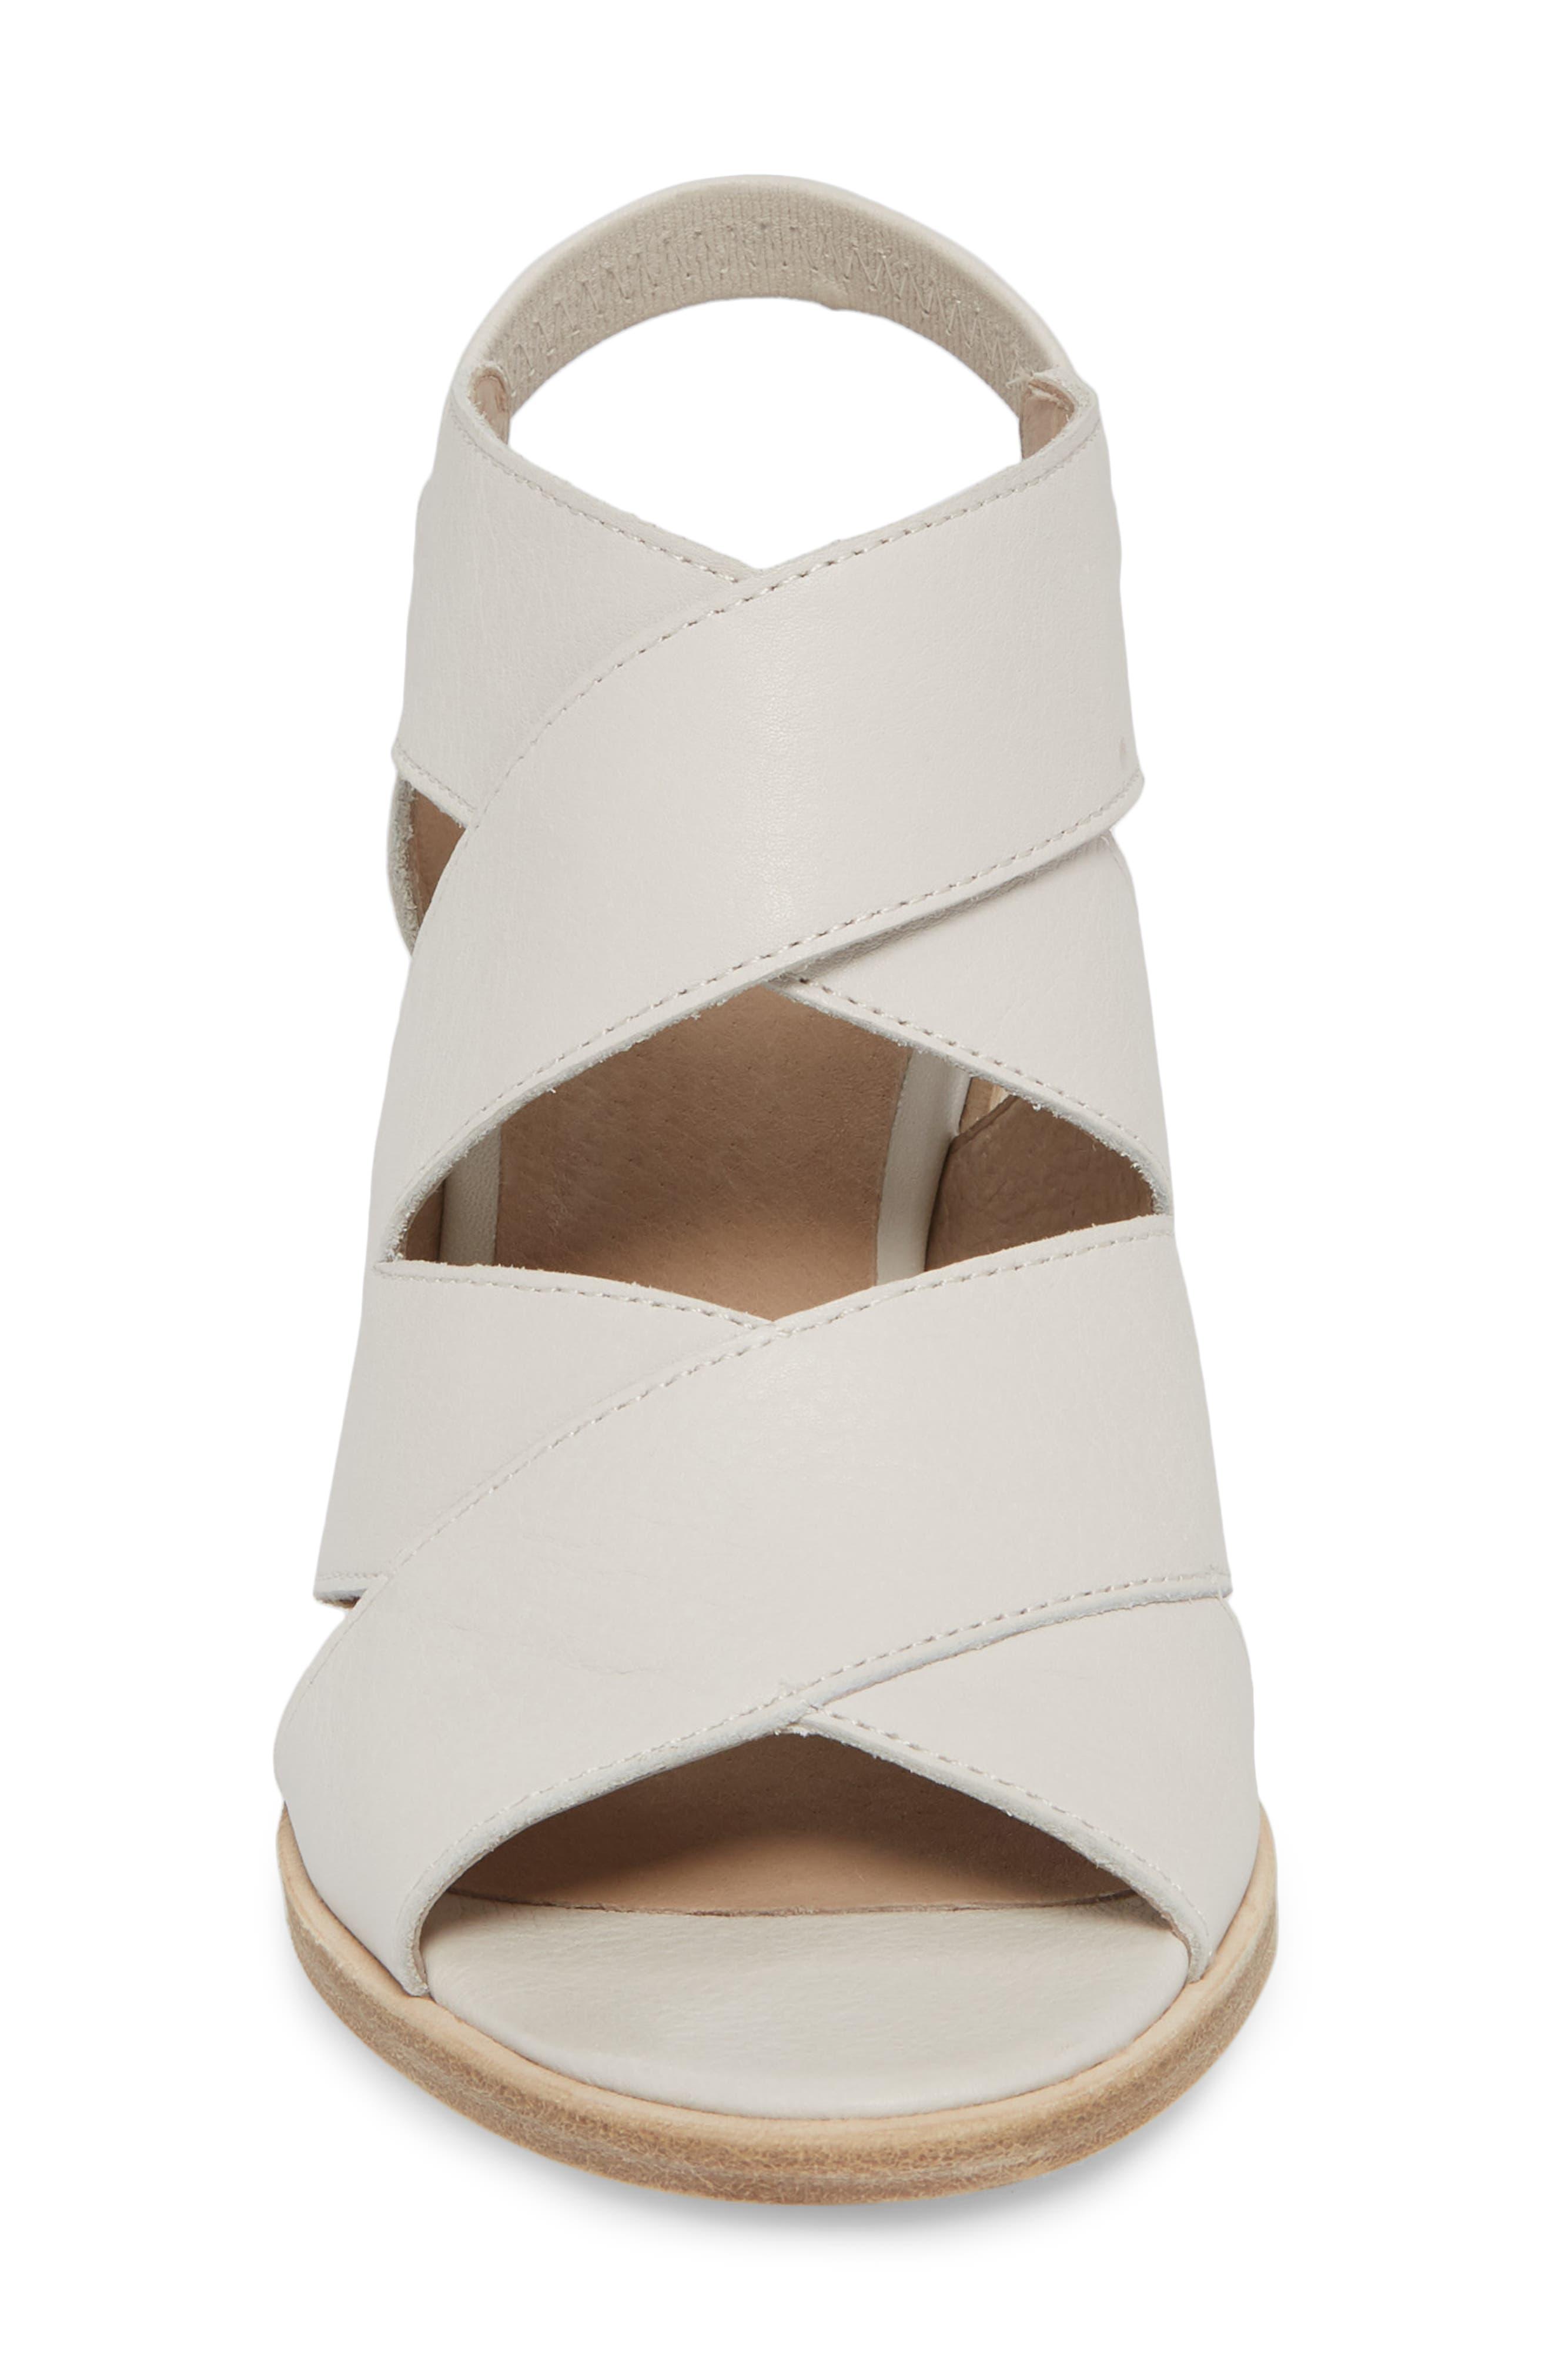 Rai Sandal,                             Alternate thumbnail 4, color,                             Bone Leather